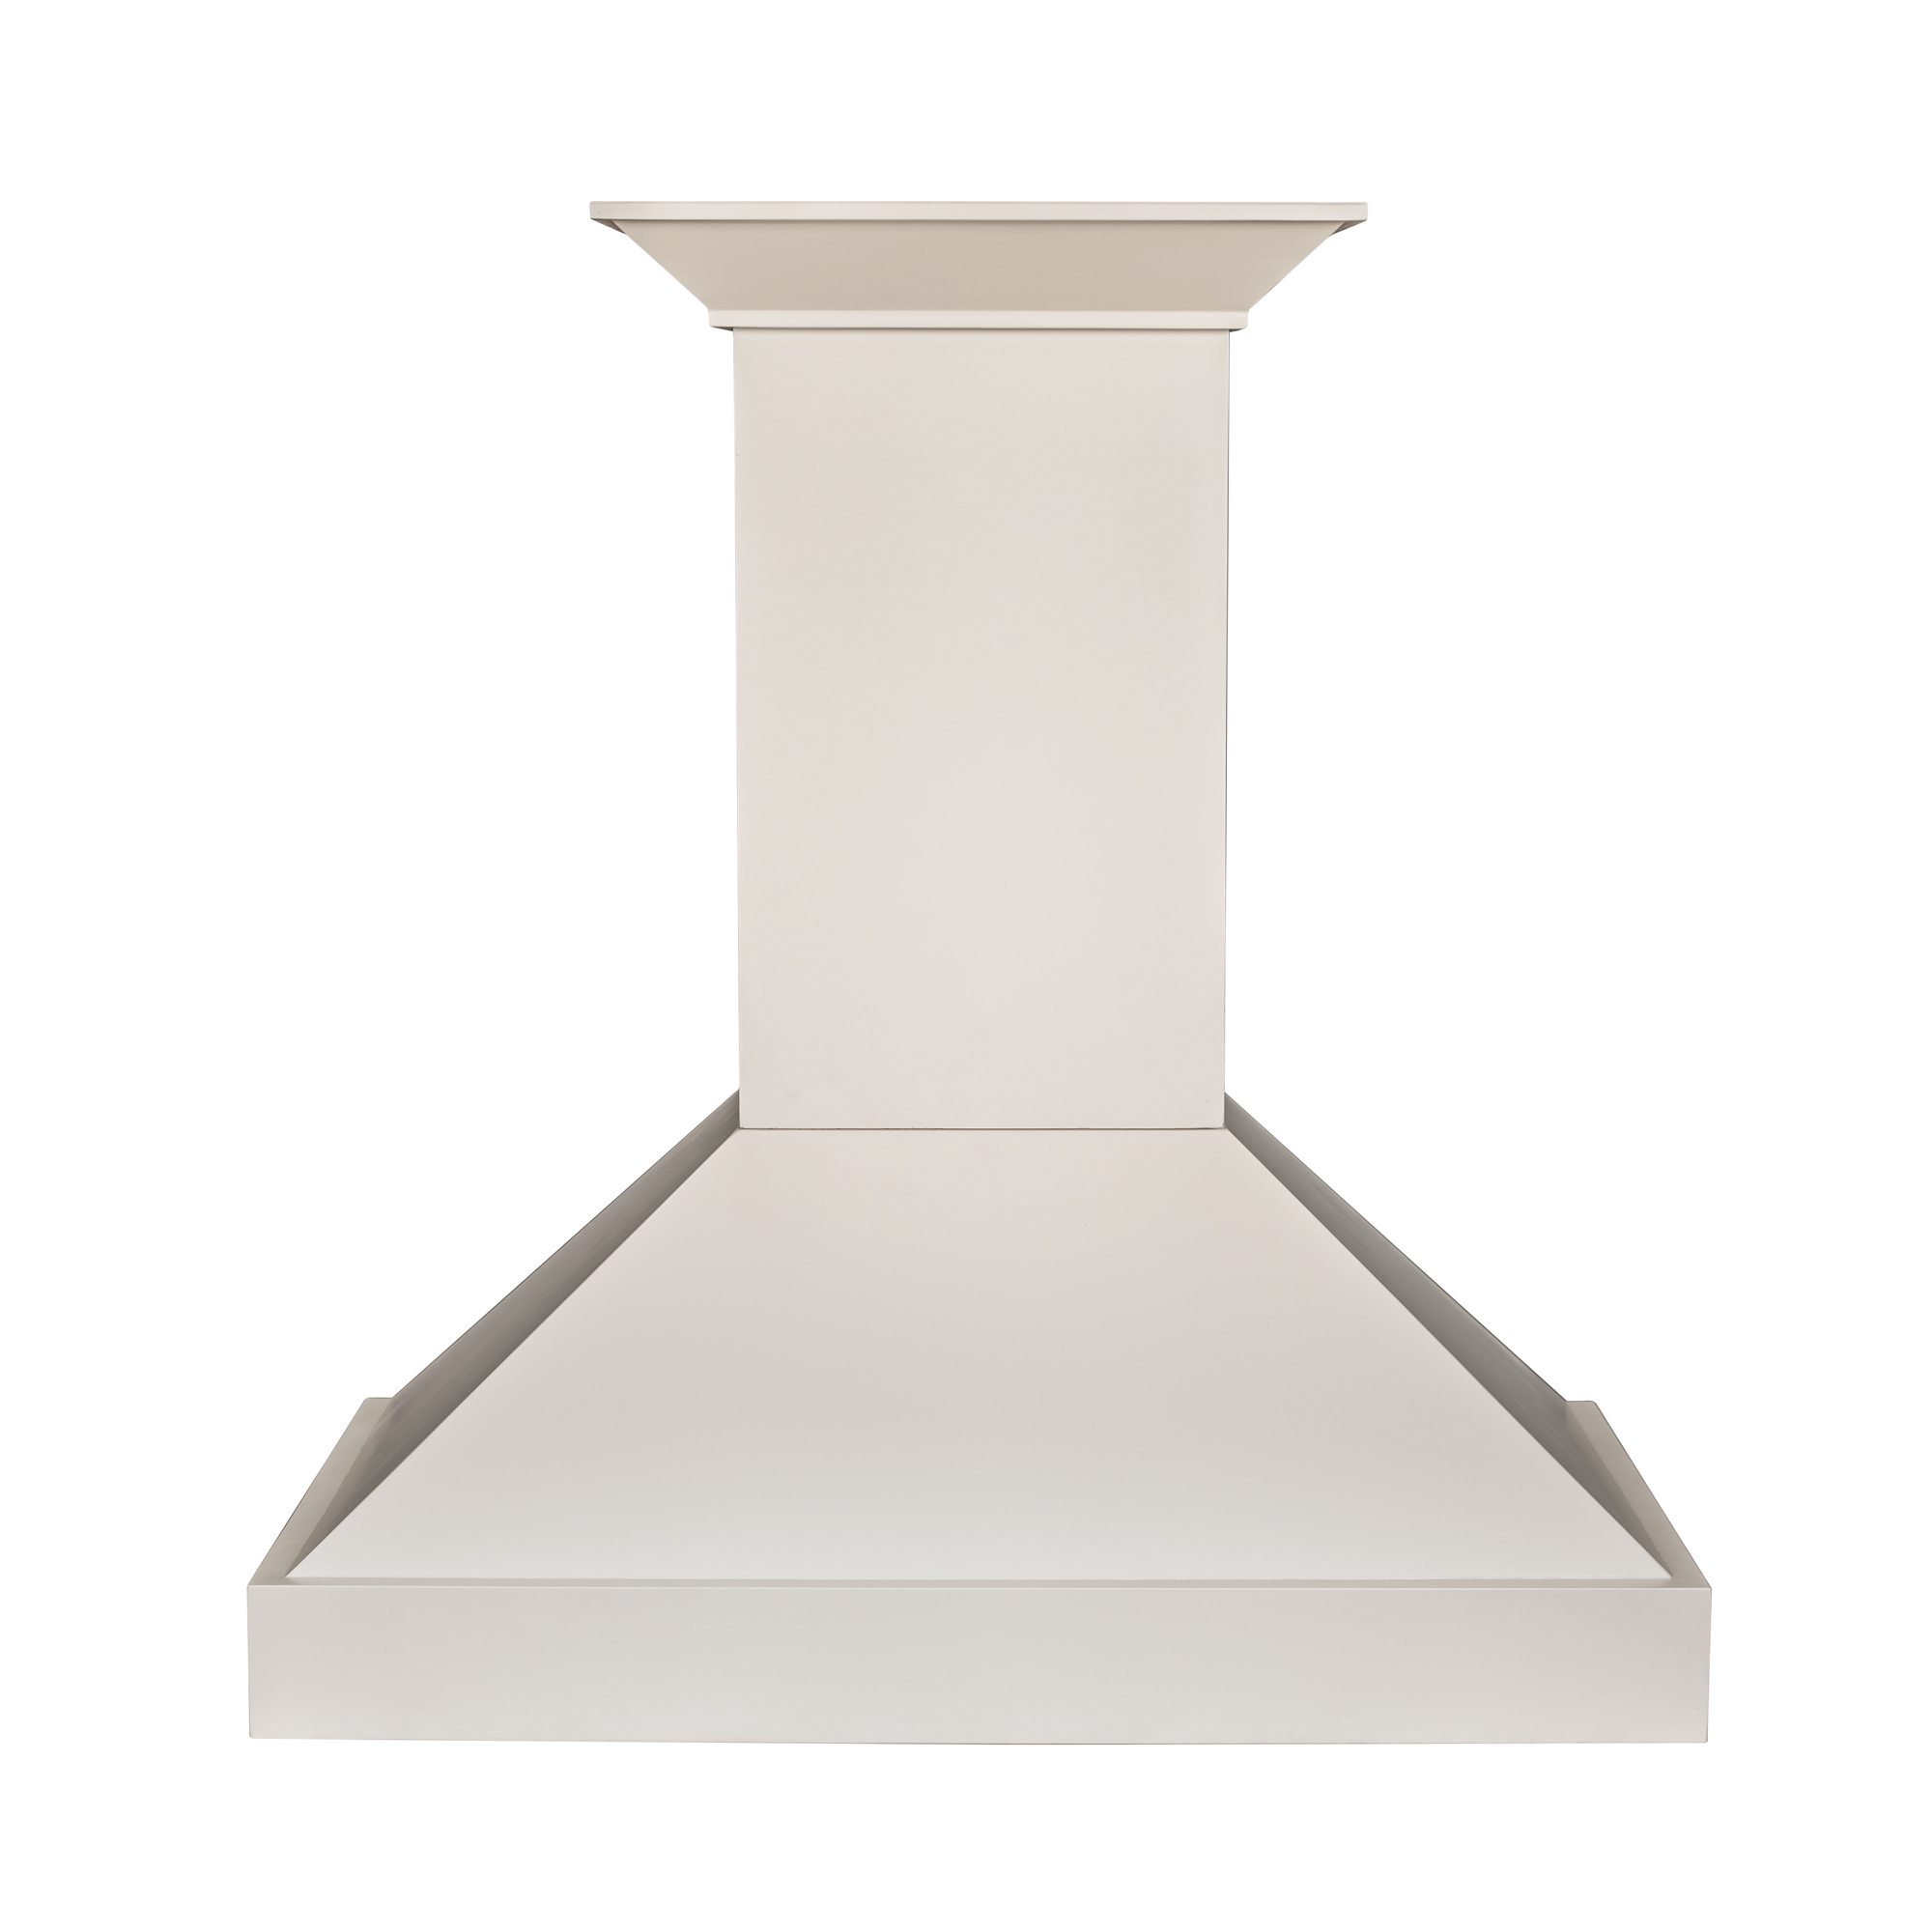 zline-designer-wood-range-hood-KBTT-front.jpg